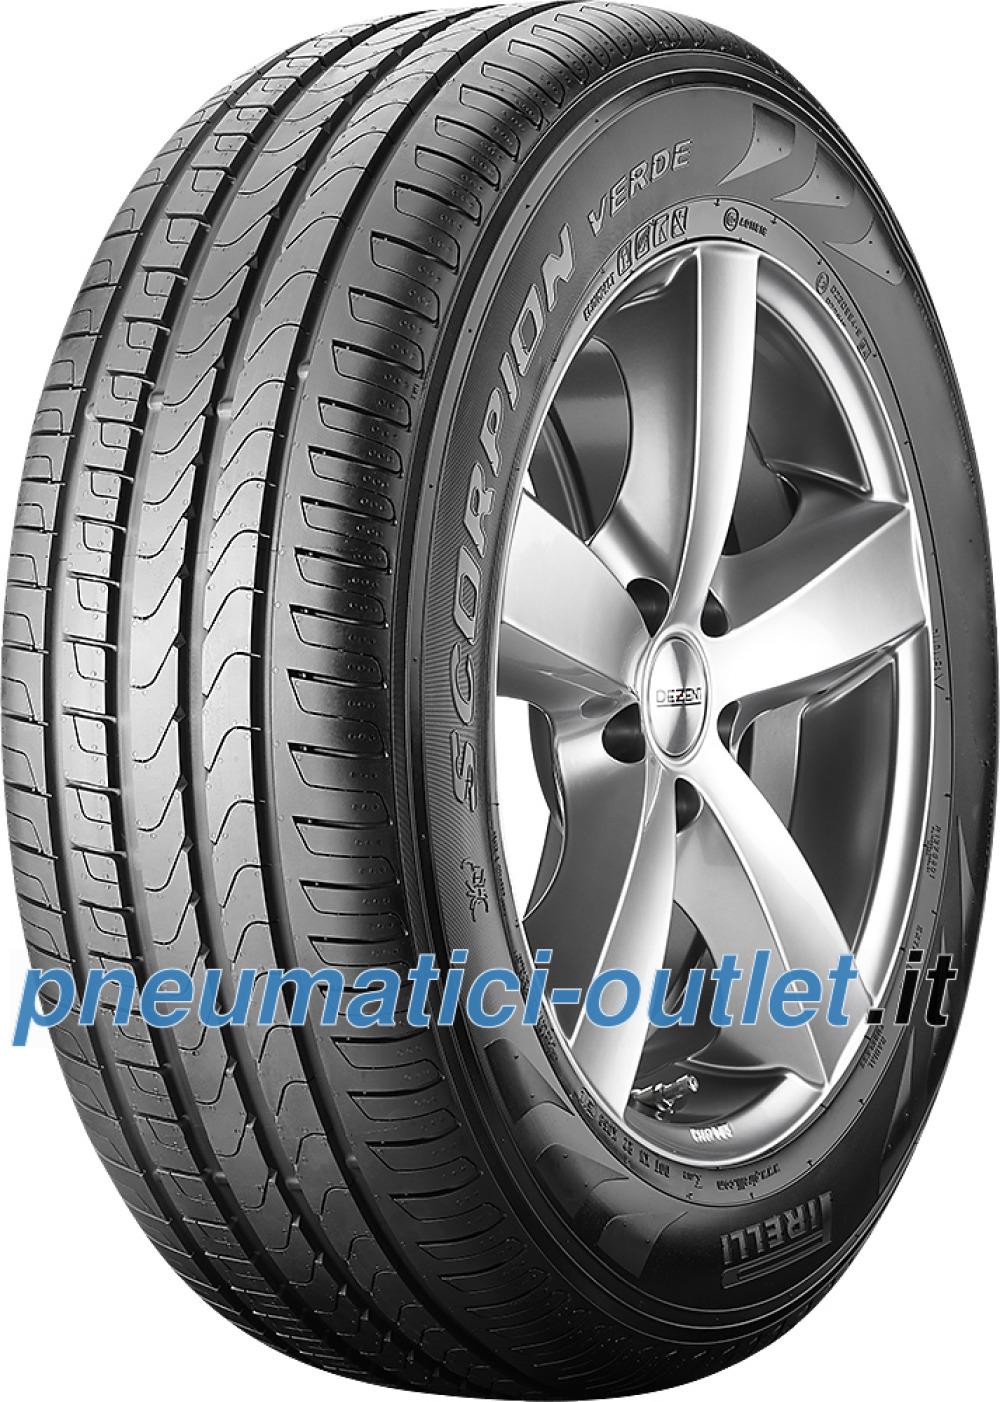 Pirelli Scorpion Verde ( 235/55 R17 99H ECOIMPACT, con protezione del cerchio (MFS) )